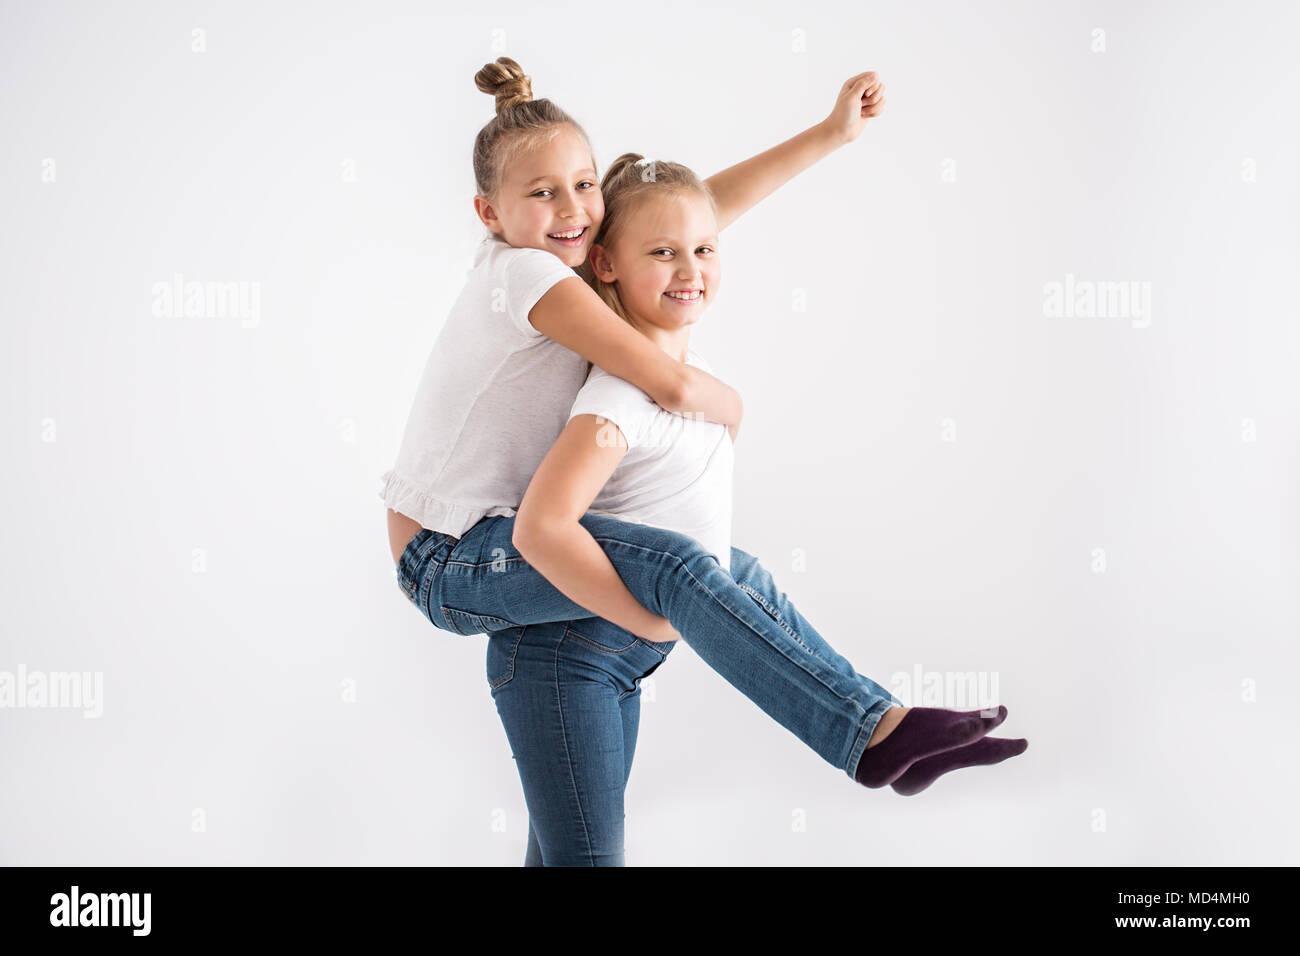 Portrait d'une jeune fille s'amusant, bénéficiant d'une piggyback ride sur sa sœur est de retour sur un fond blanc. Photo Stock